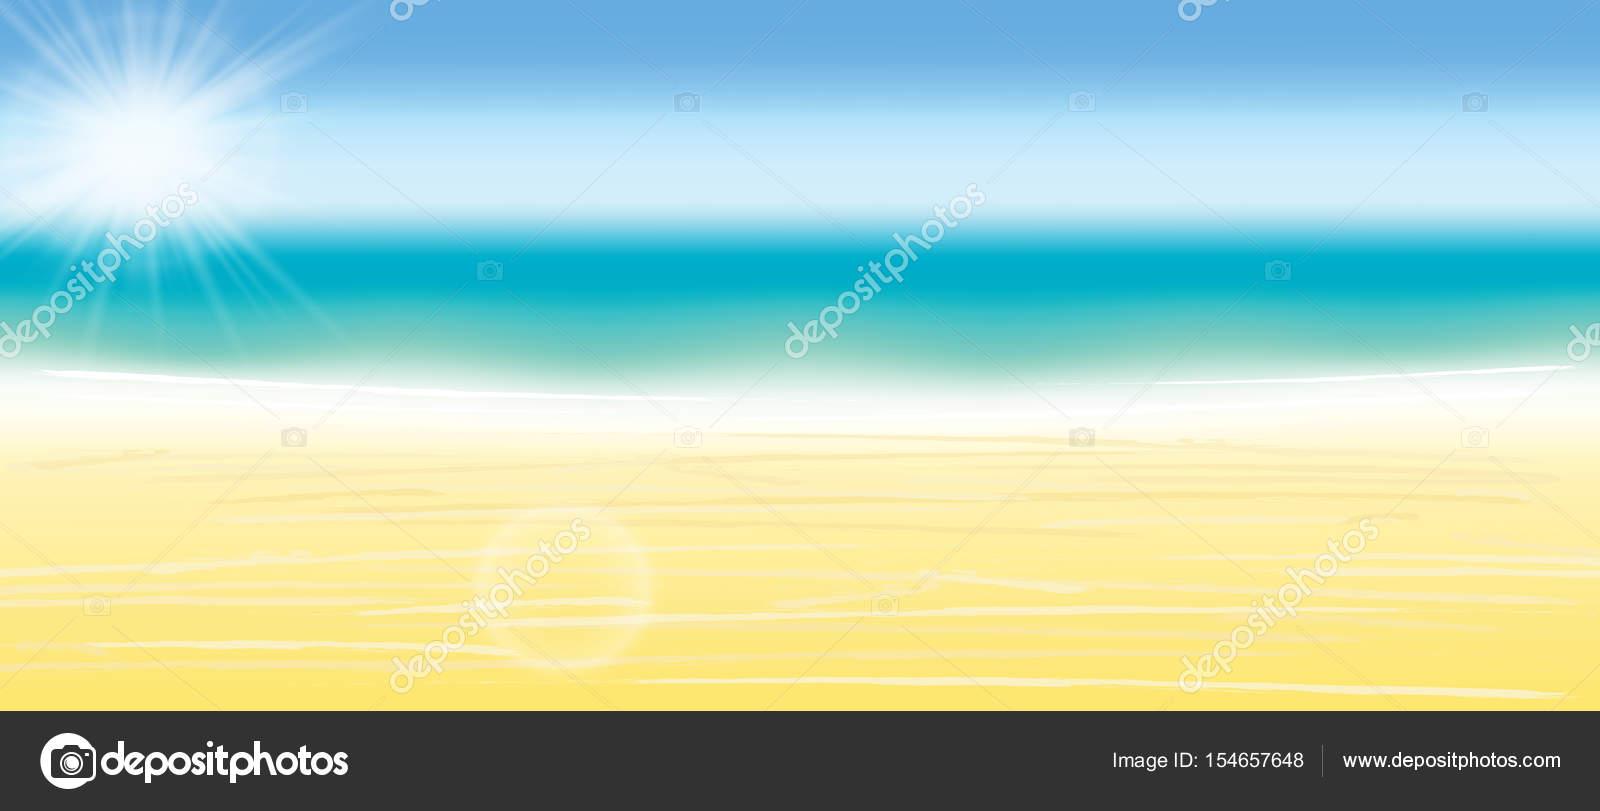 夏背景ベクトル イラスト。ぼやけている夏のビーチ、太陽、空、海、海と